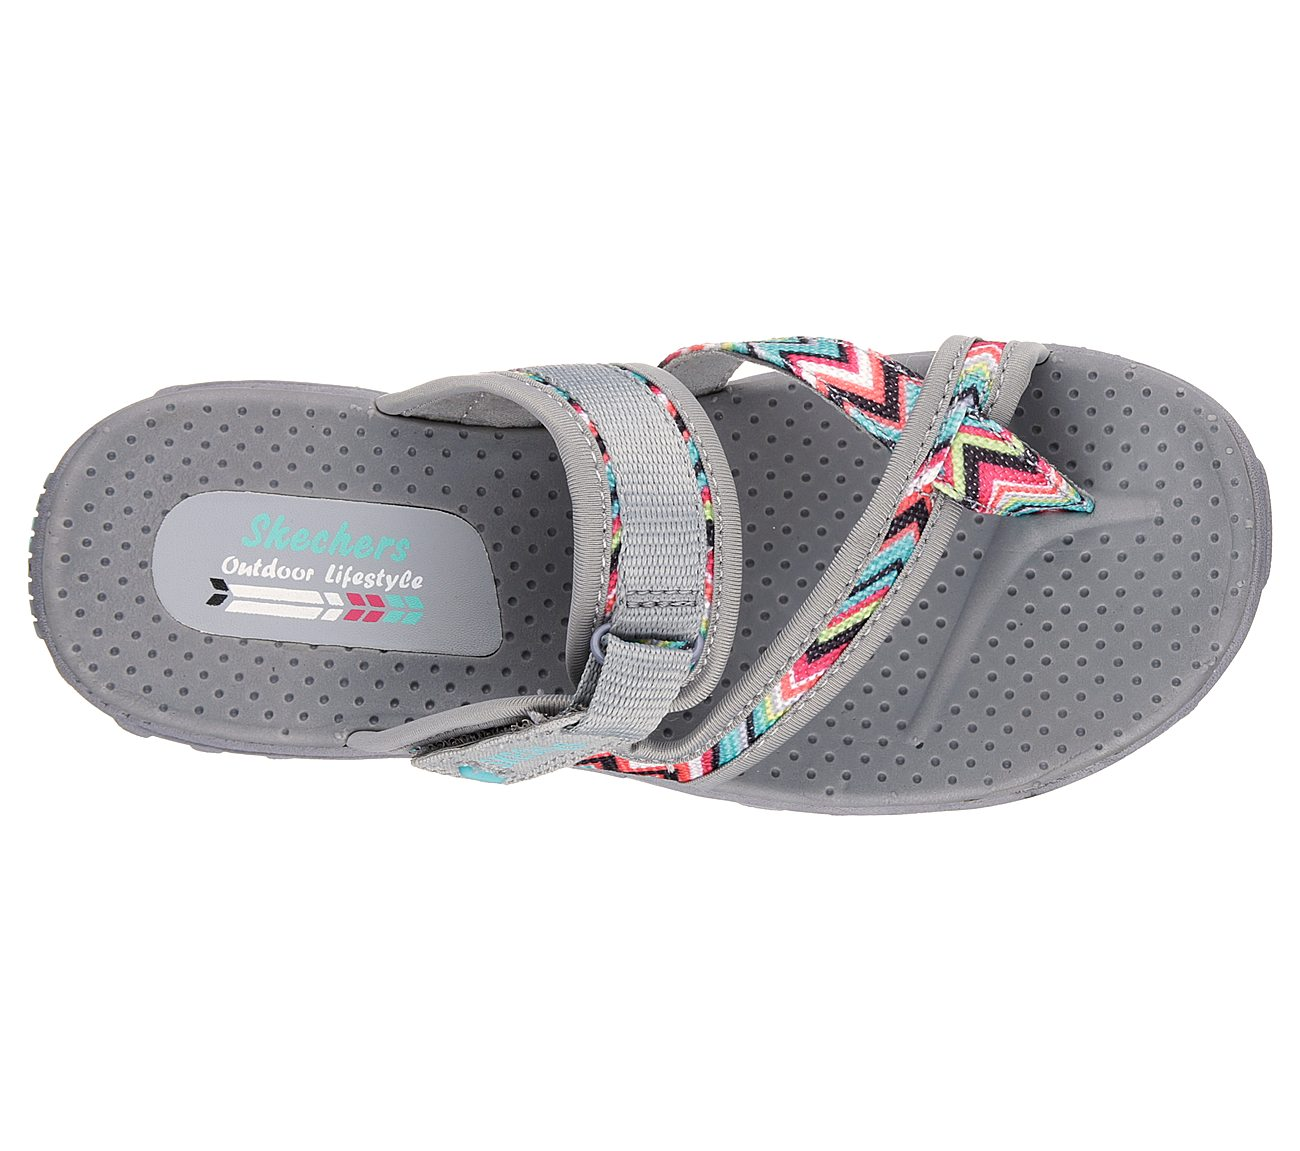 01dfb875e41c Buy SKECHERS Reggae - Zig Swag Modern Comfort Shoes only  33.00